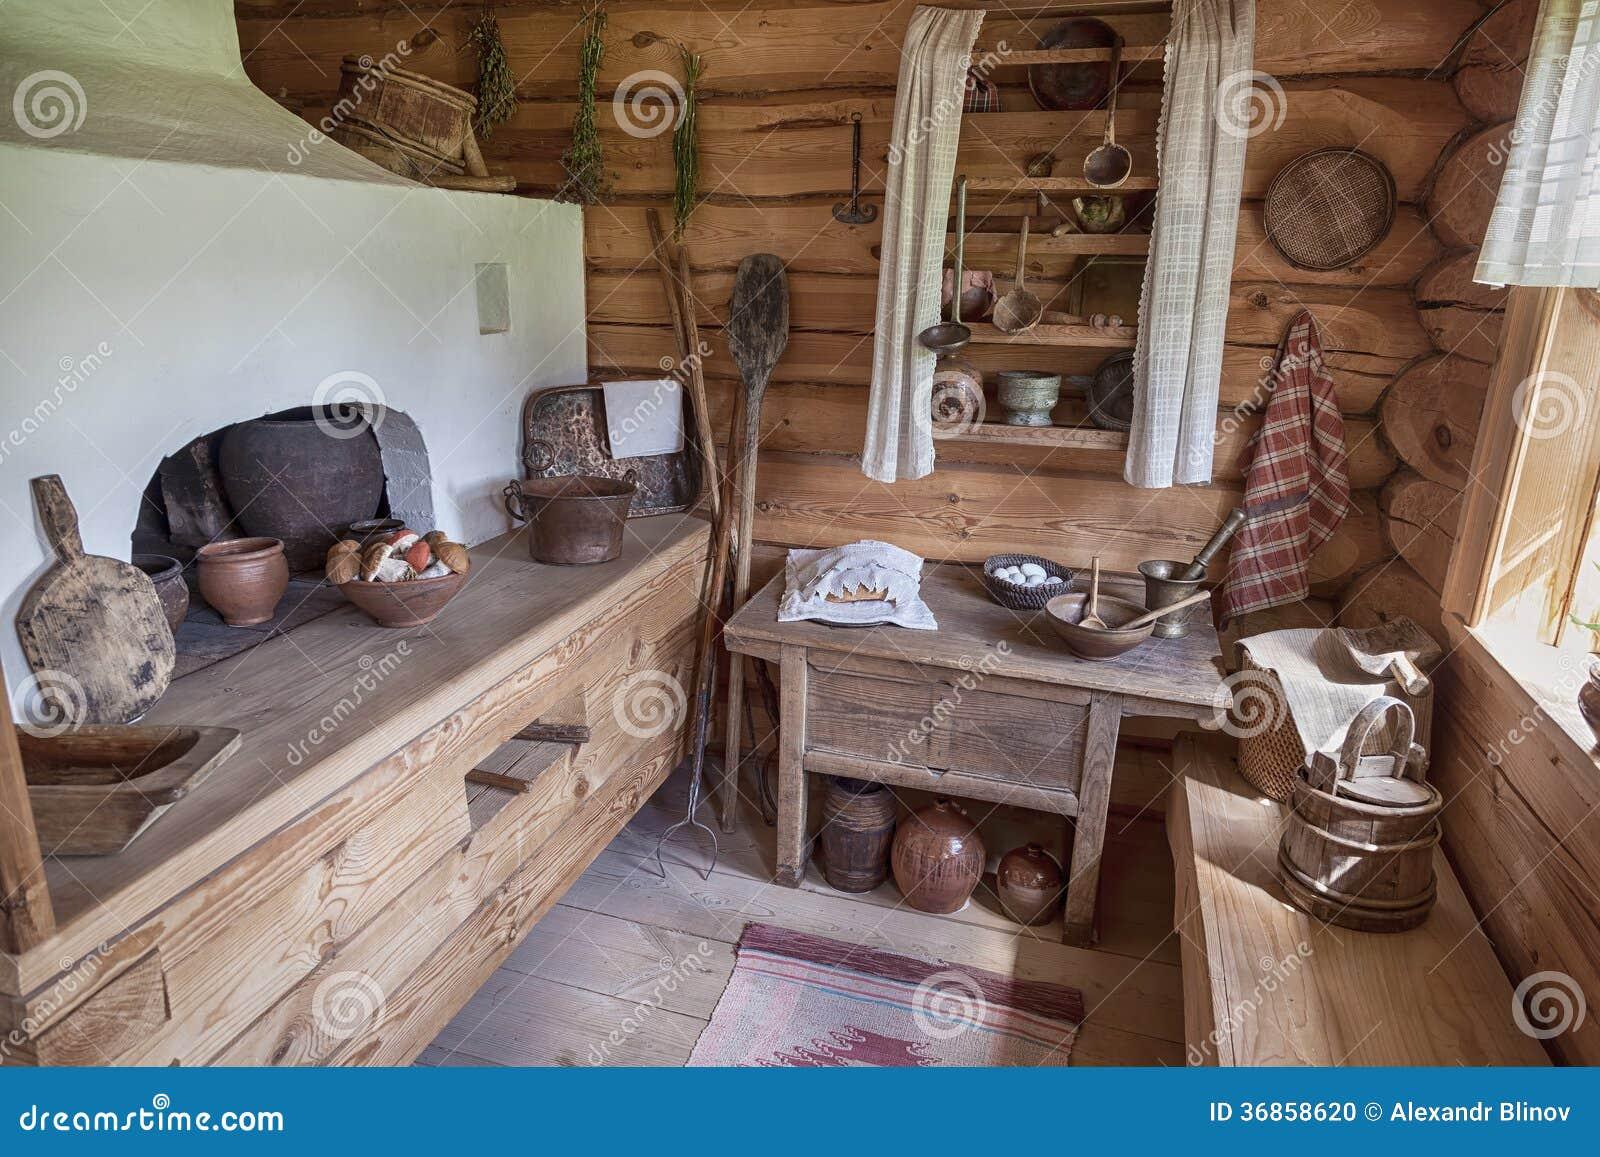 Interior del museo Suvorov. Cocina tradicional rusa con la estufa